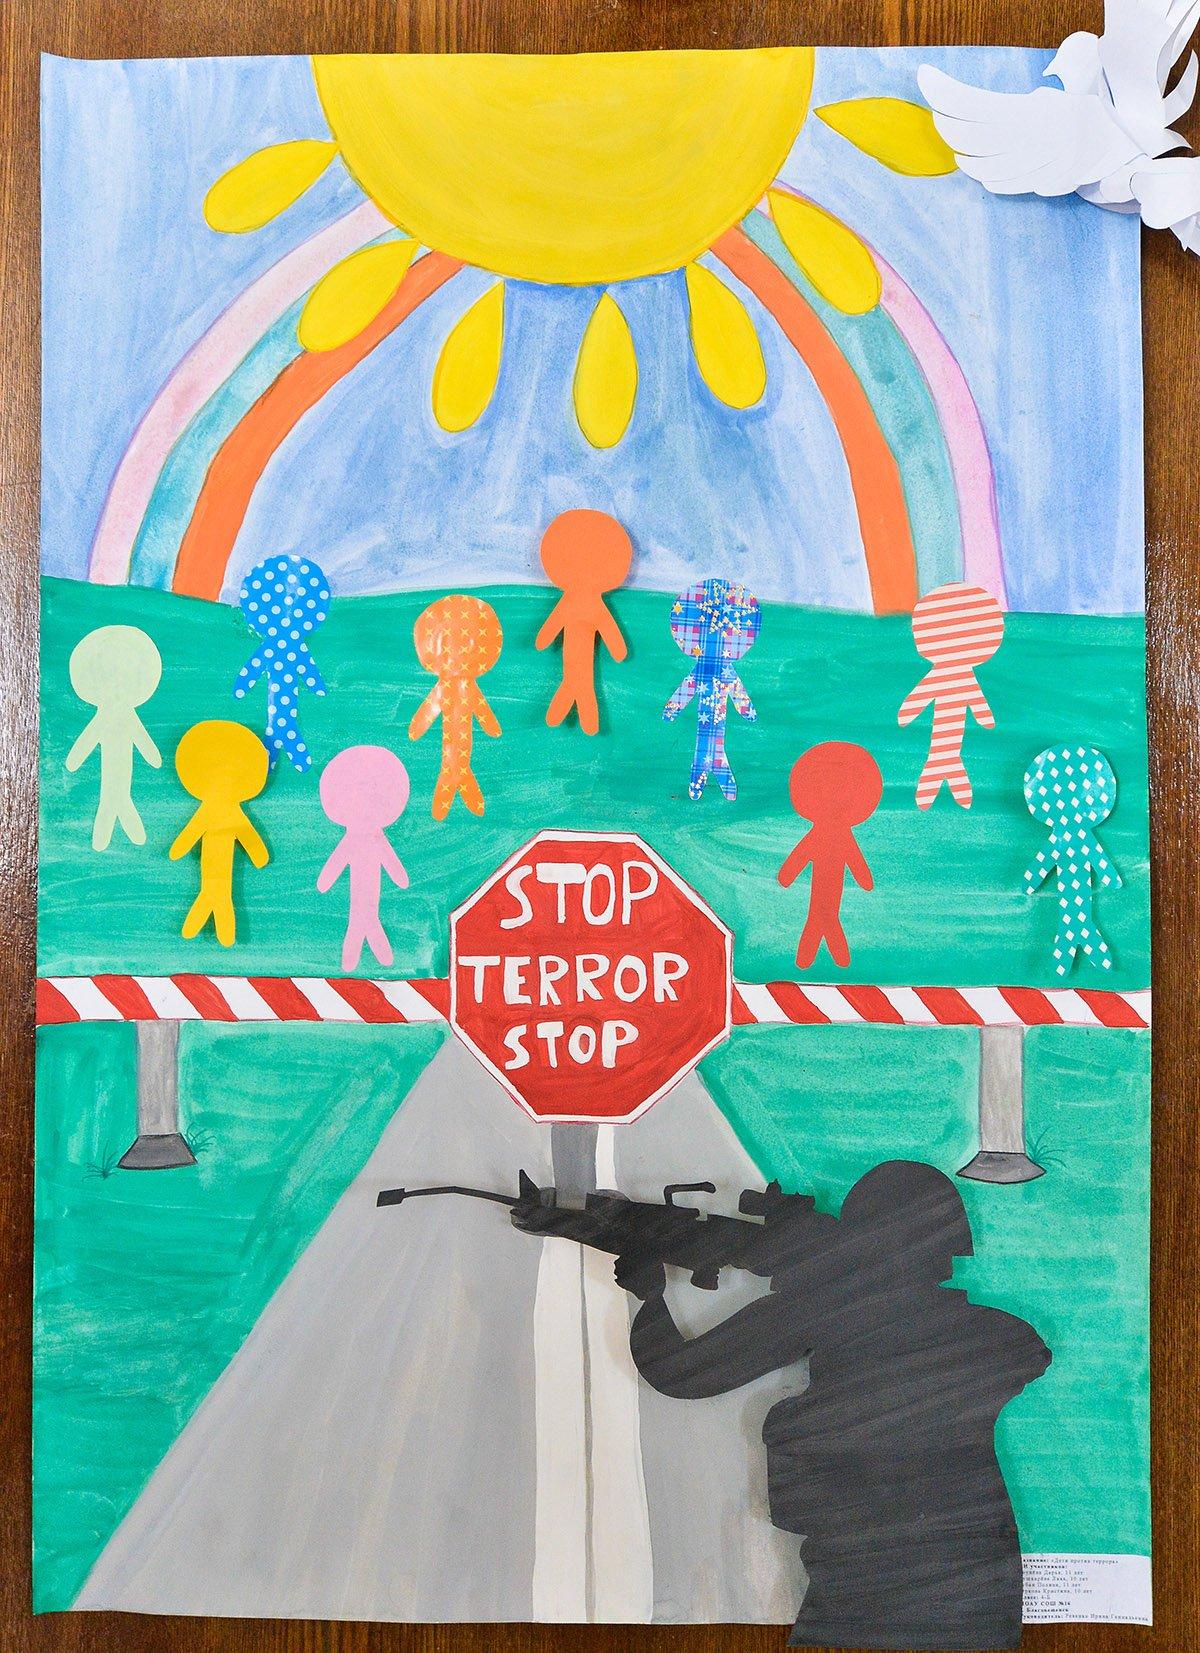 фотография, которую рисунки на тему терроризм зоны формируются людей